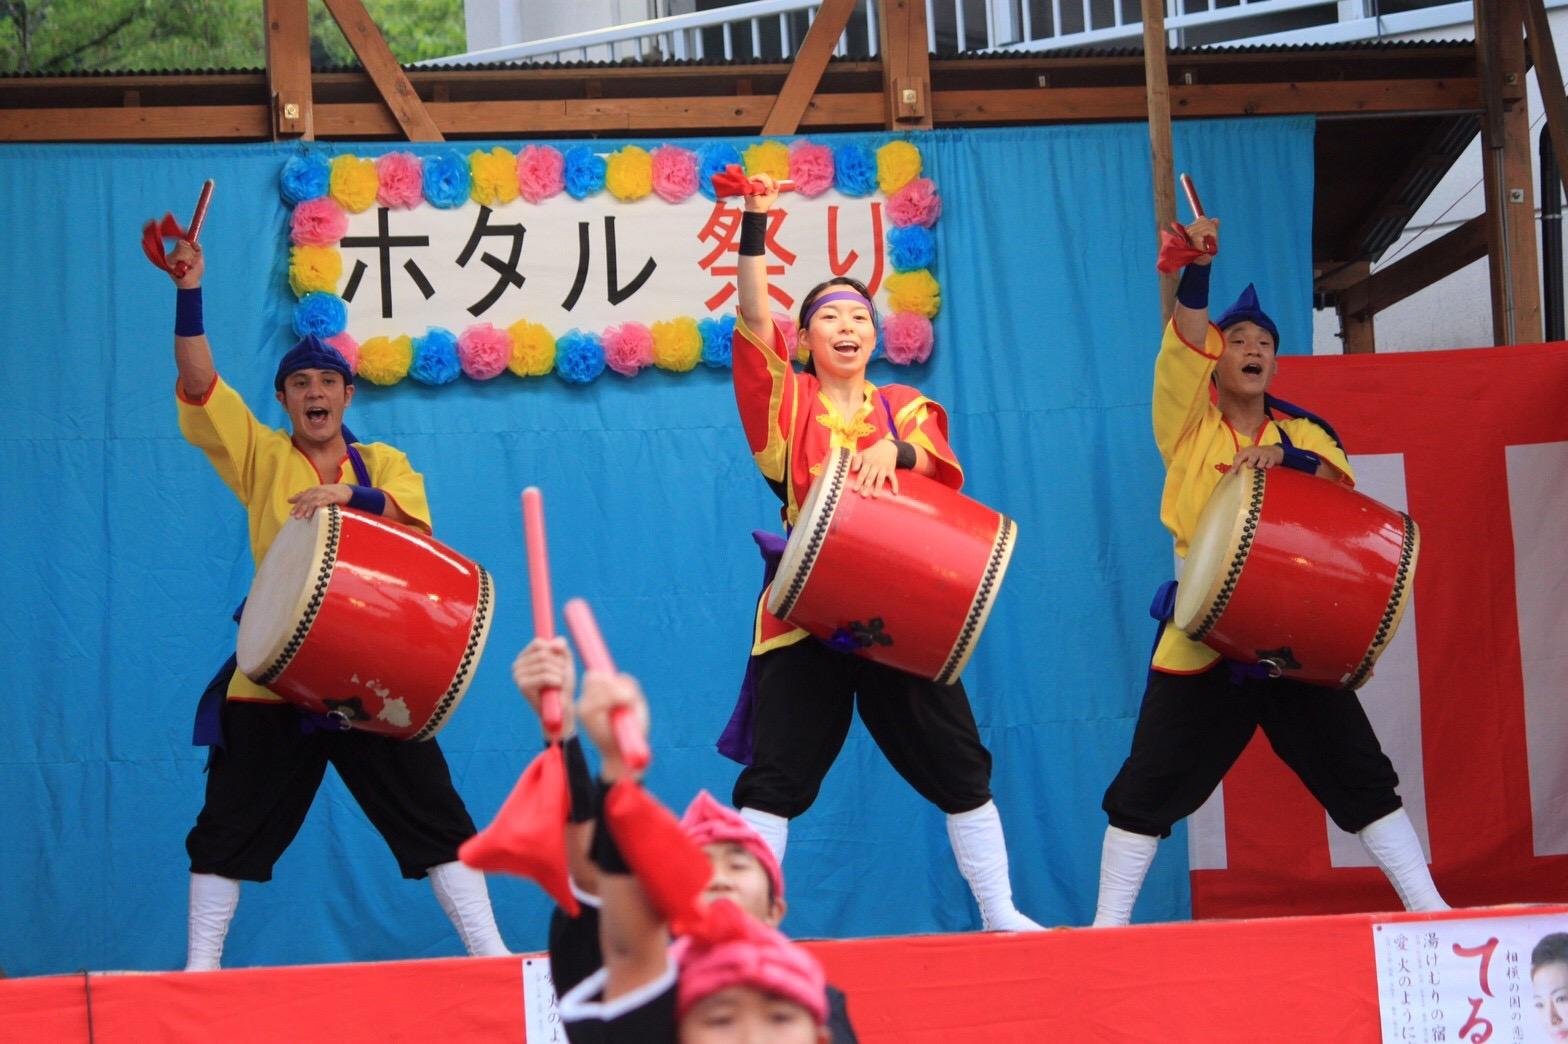 応援に駆けつけてくれた埼玉支部・茨城支部のメンバー